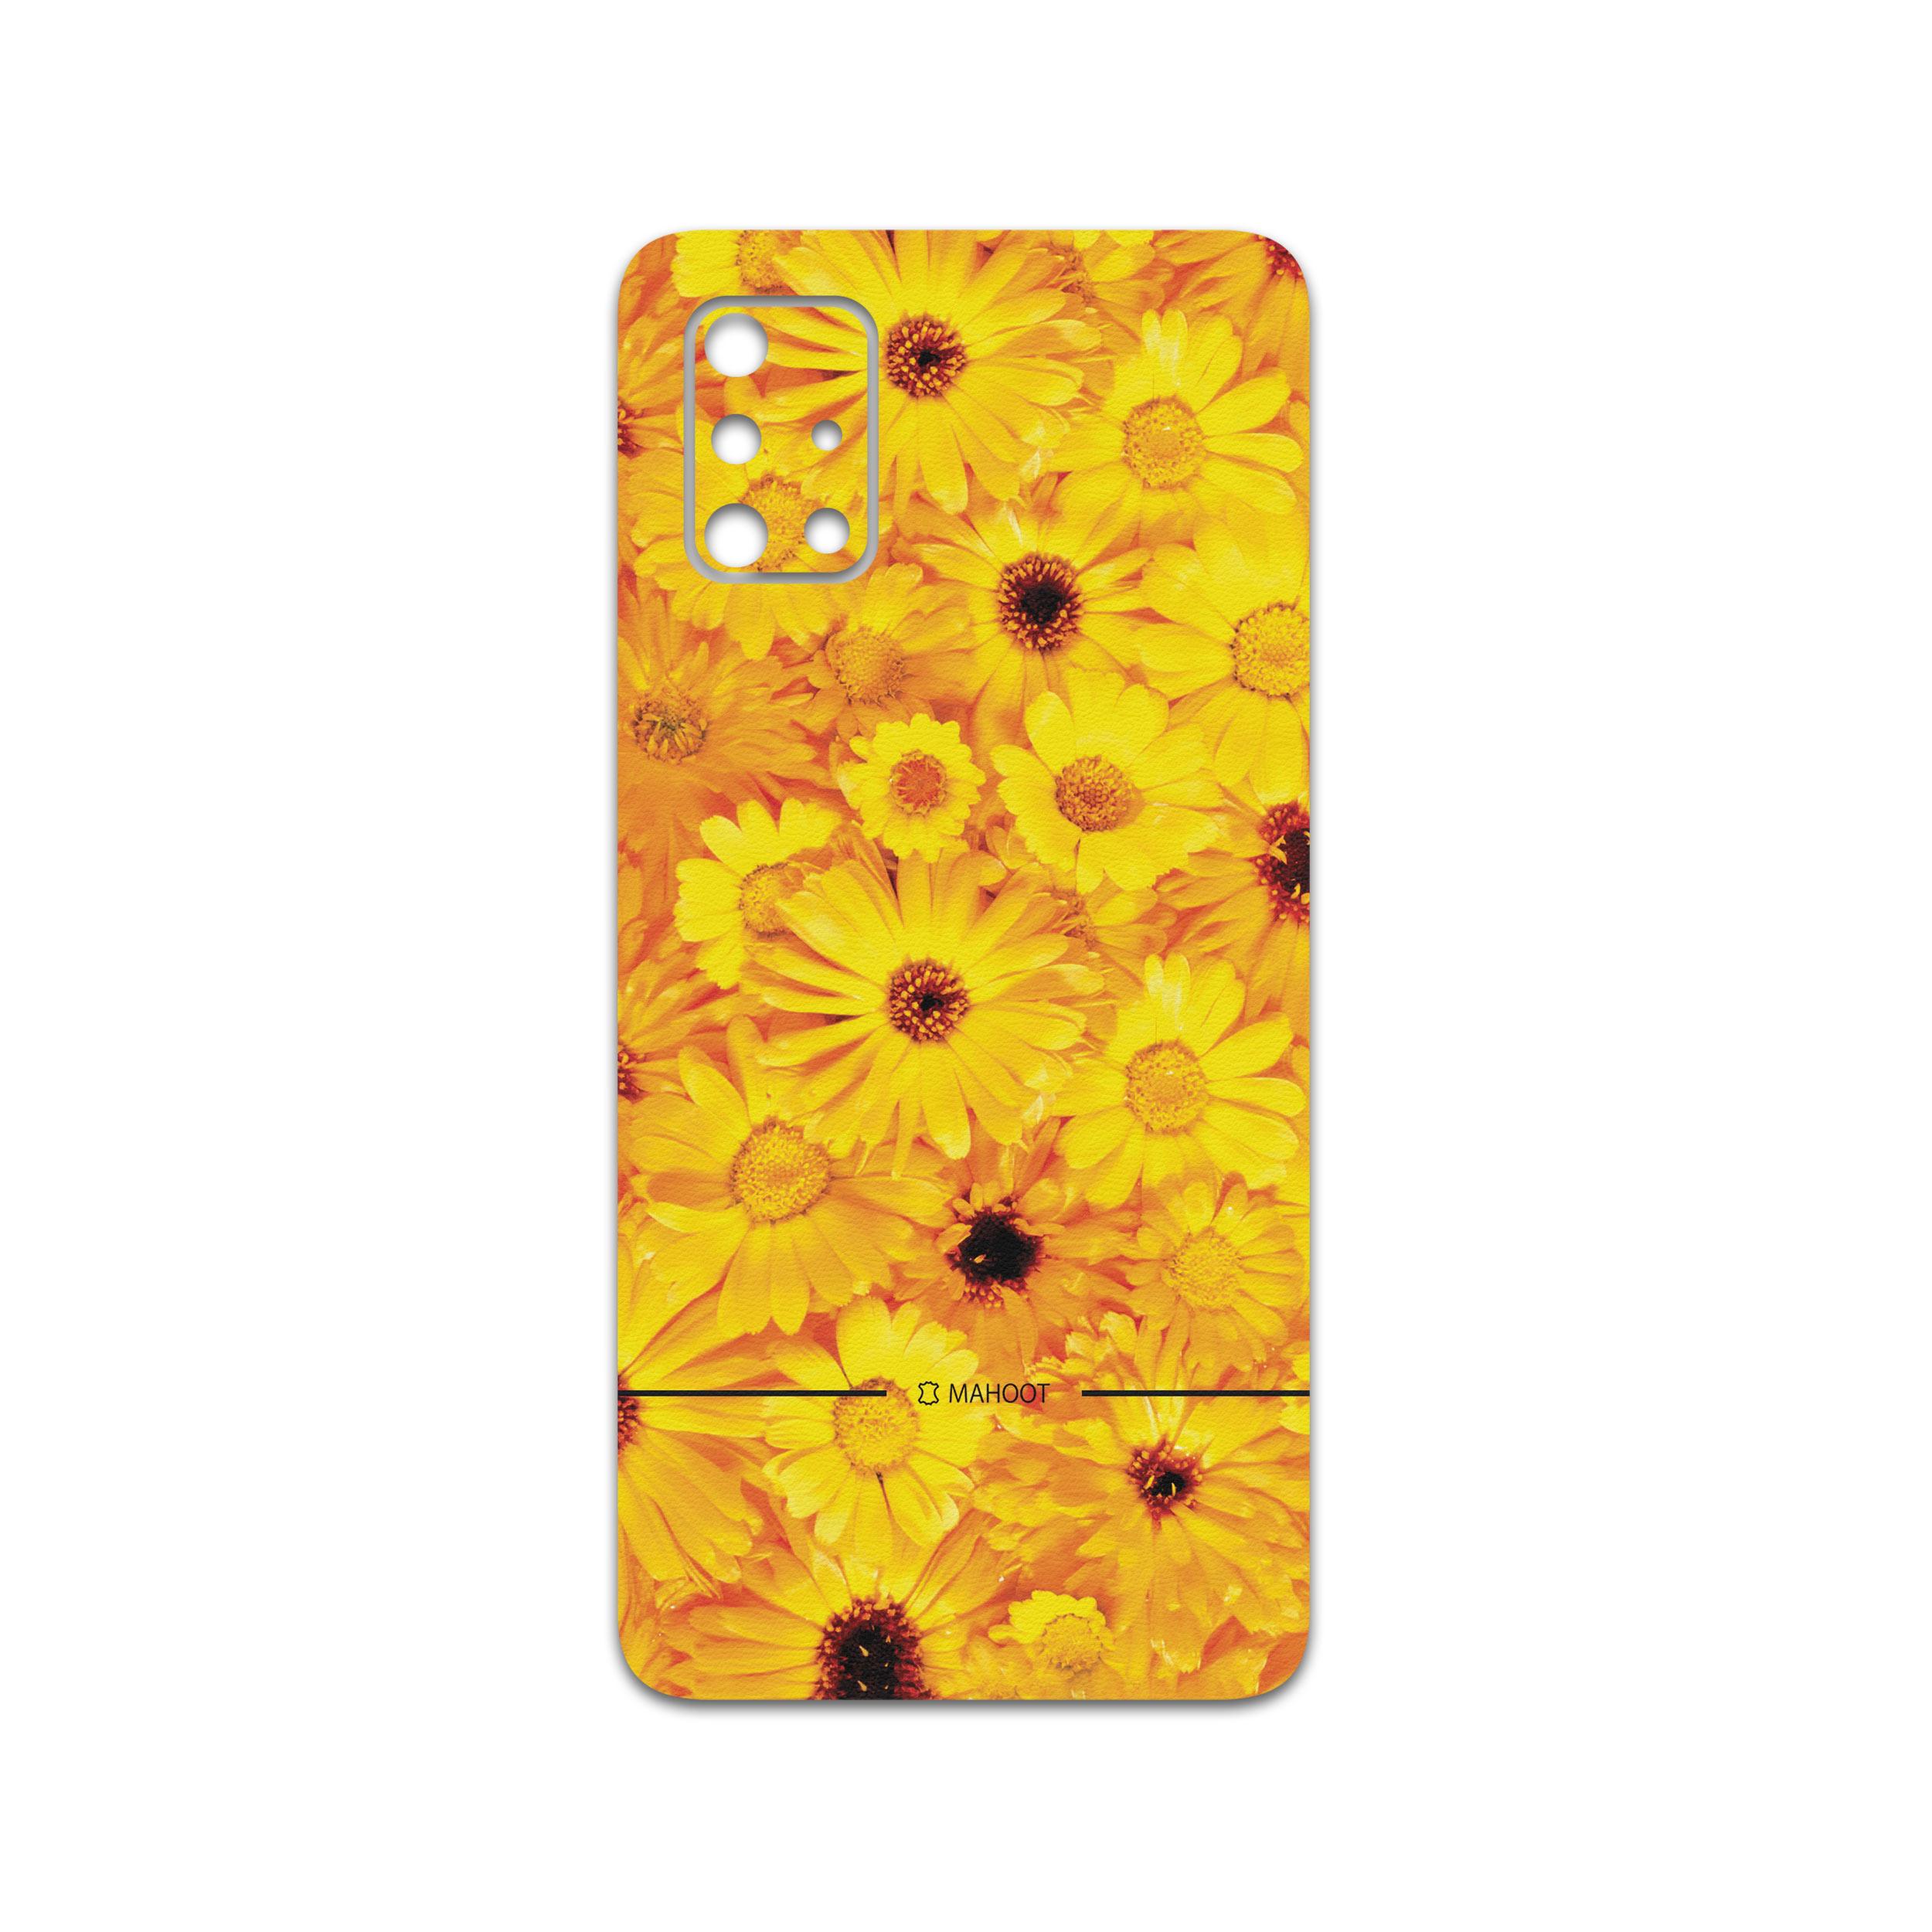 برچسب پوششی ماهوت مدل Yellow-Flower مناسب برای گوشی موبایل سامسونگ Galaxy A71